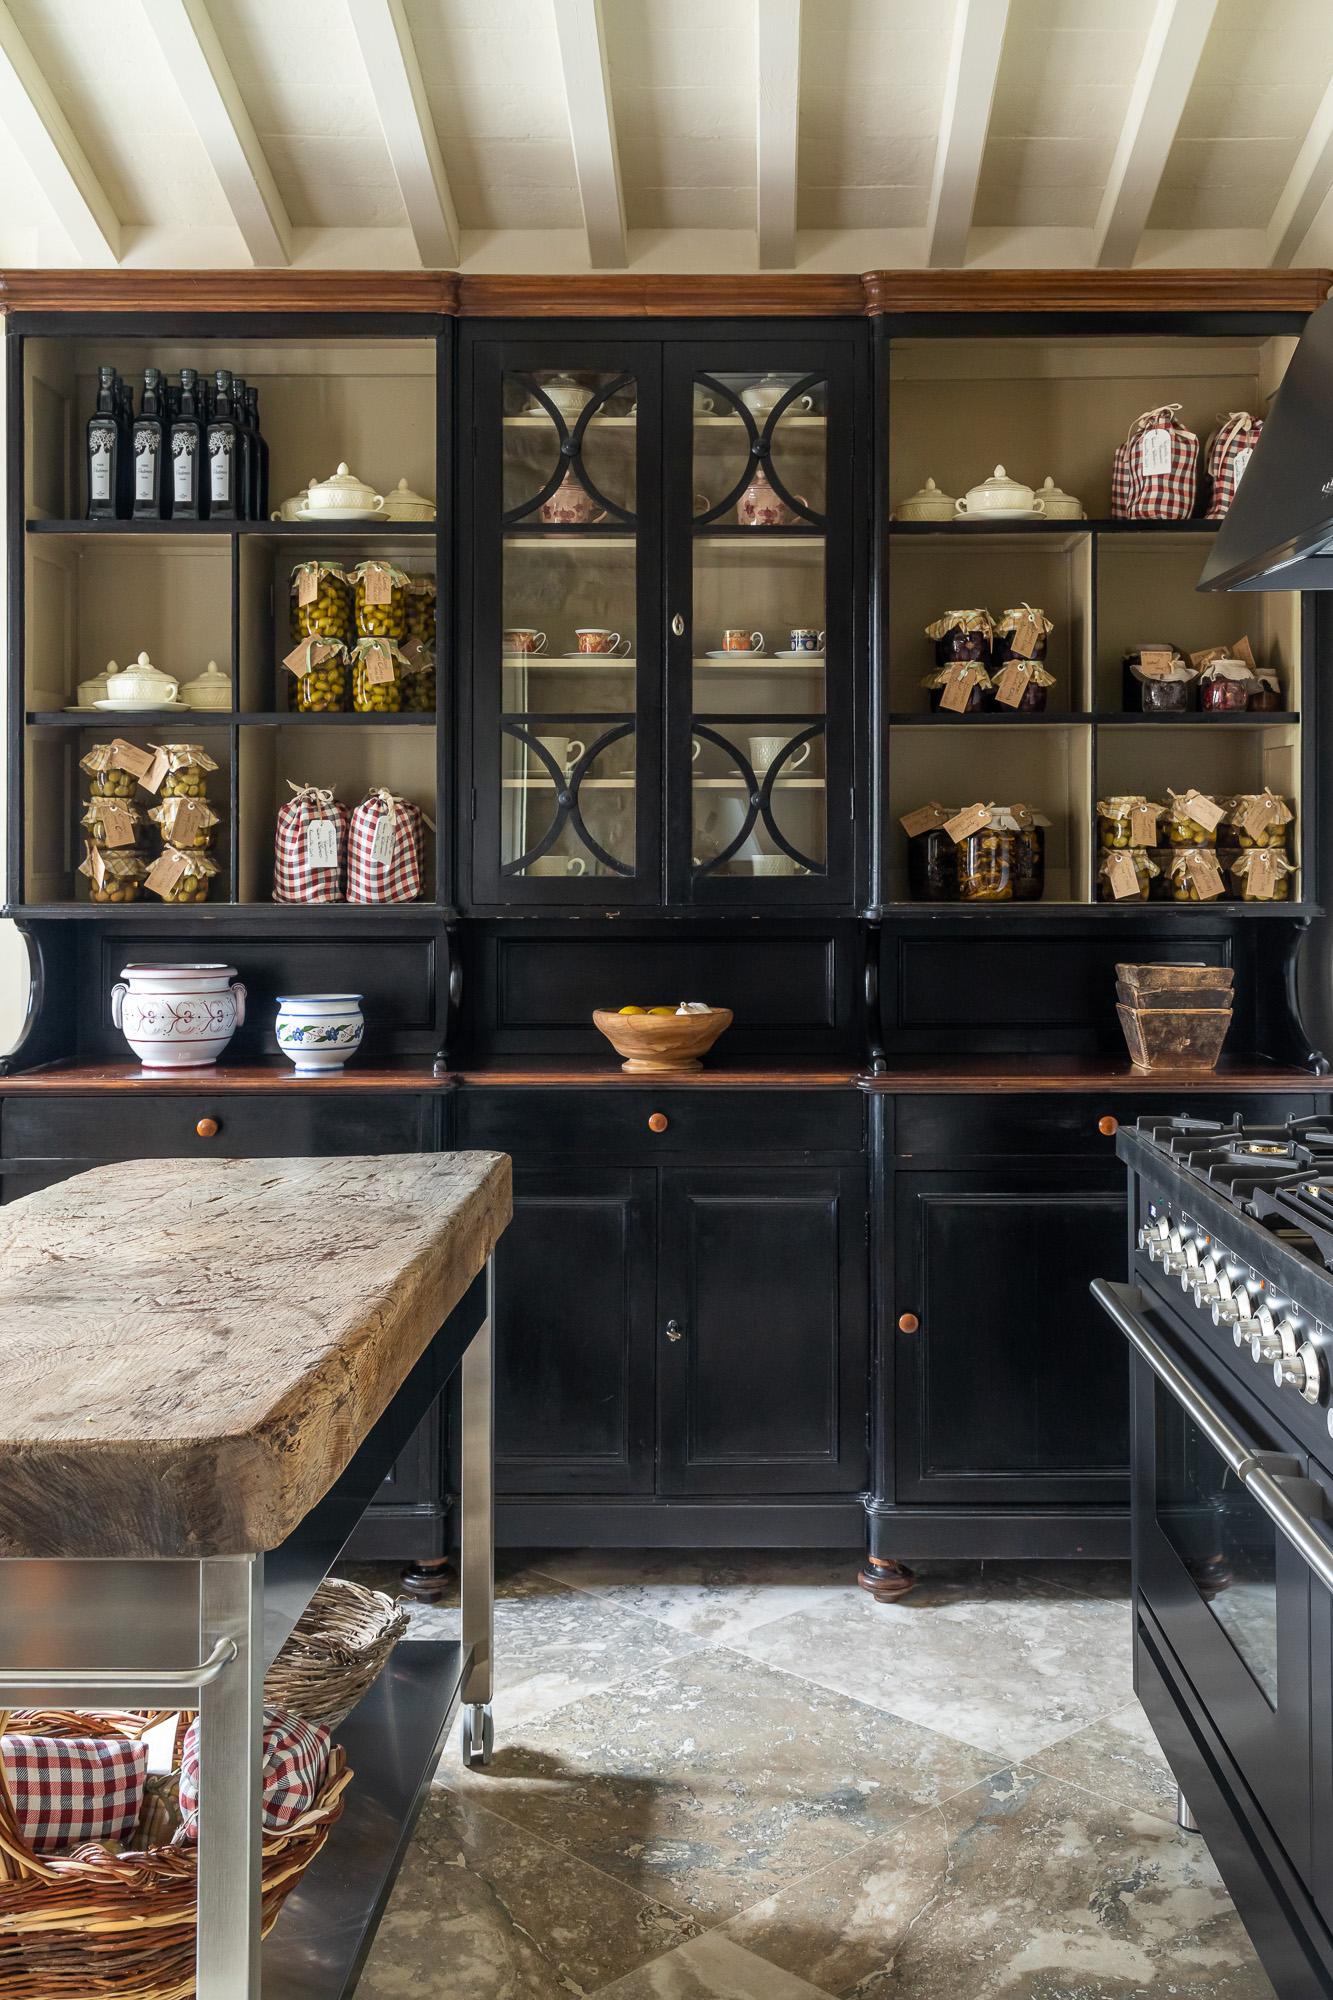 jonathan bond, interior photographer, kitchen sienna italy